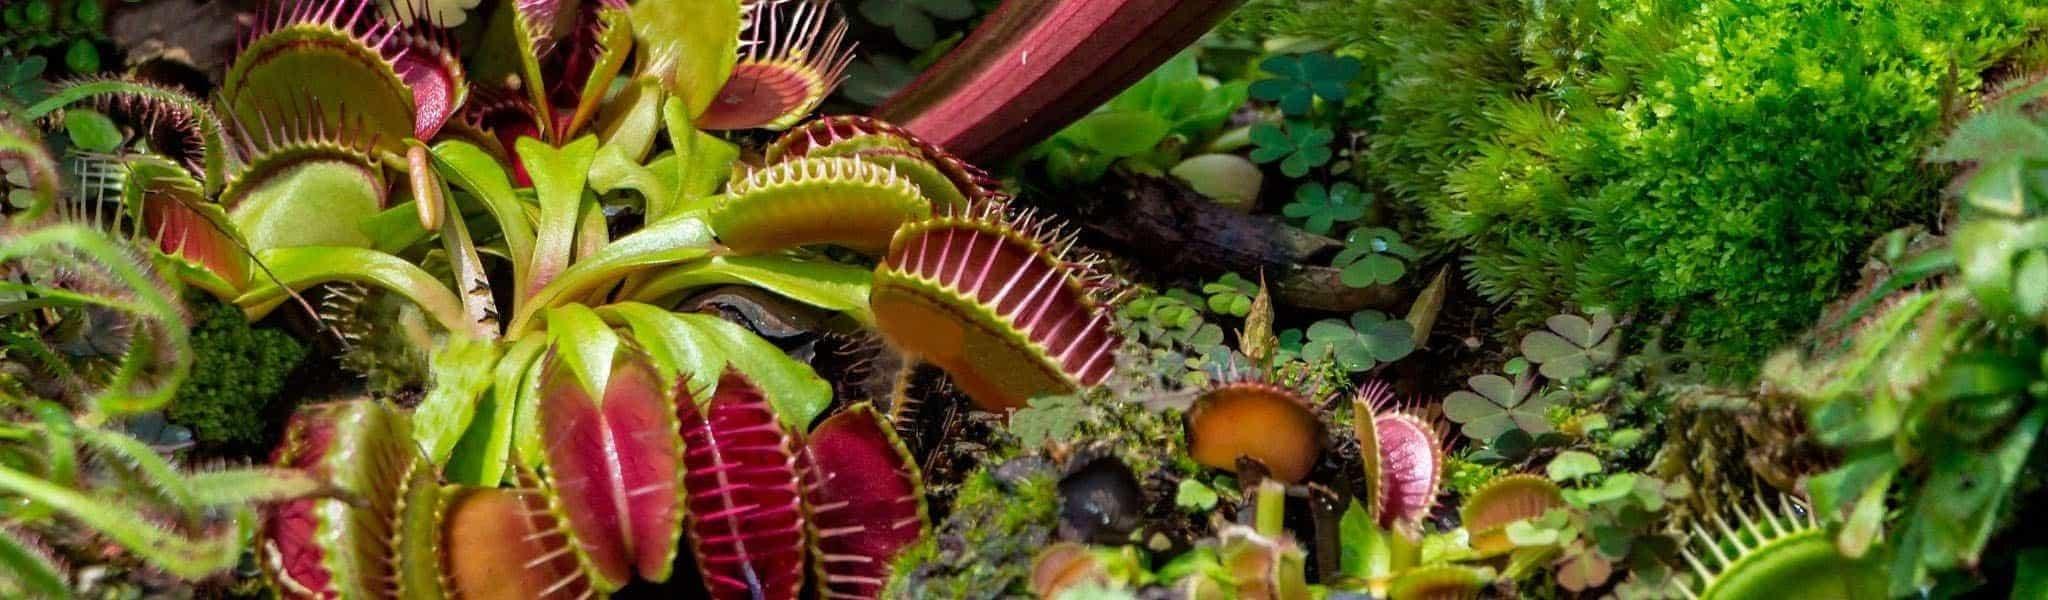 Акція! За покупку трьох хижих рослин знижка 15%!